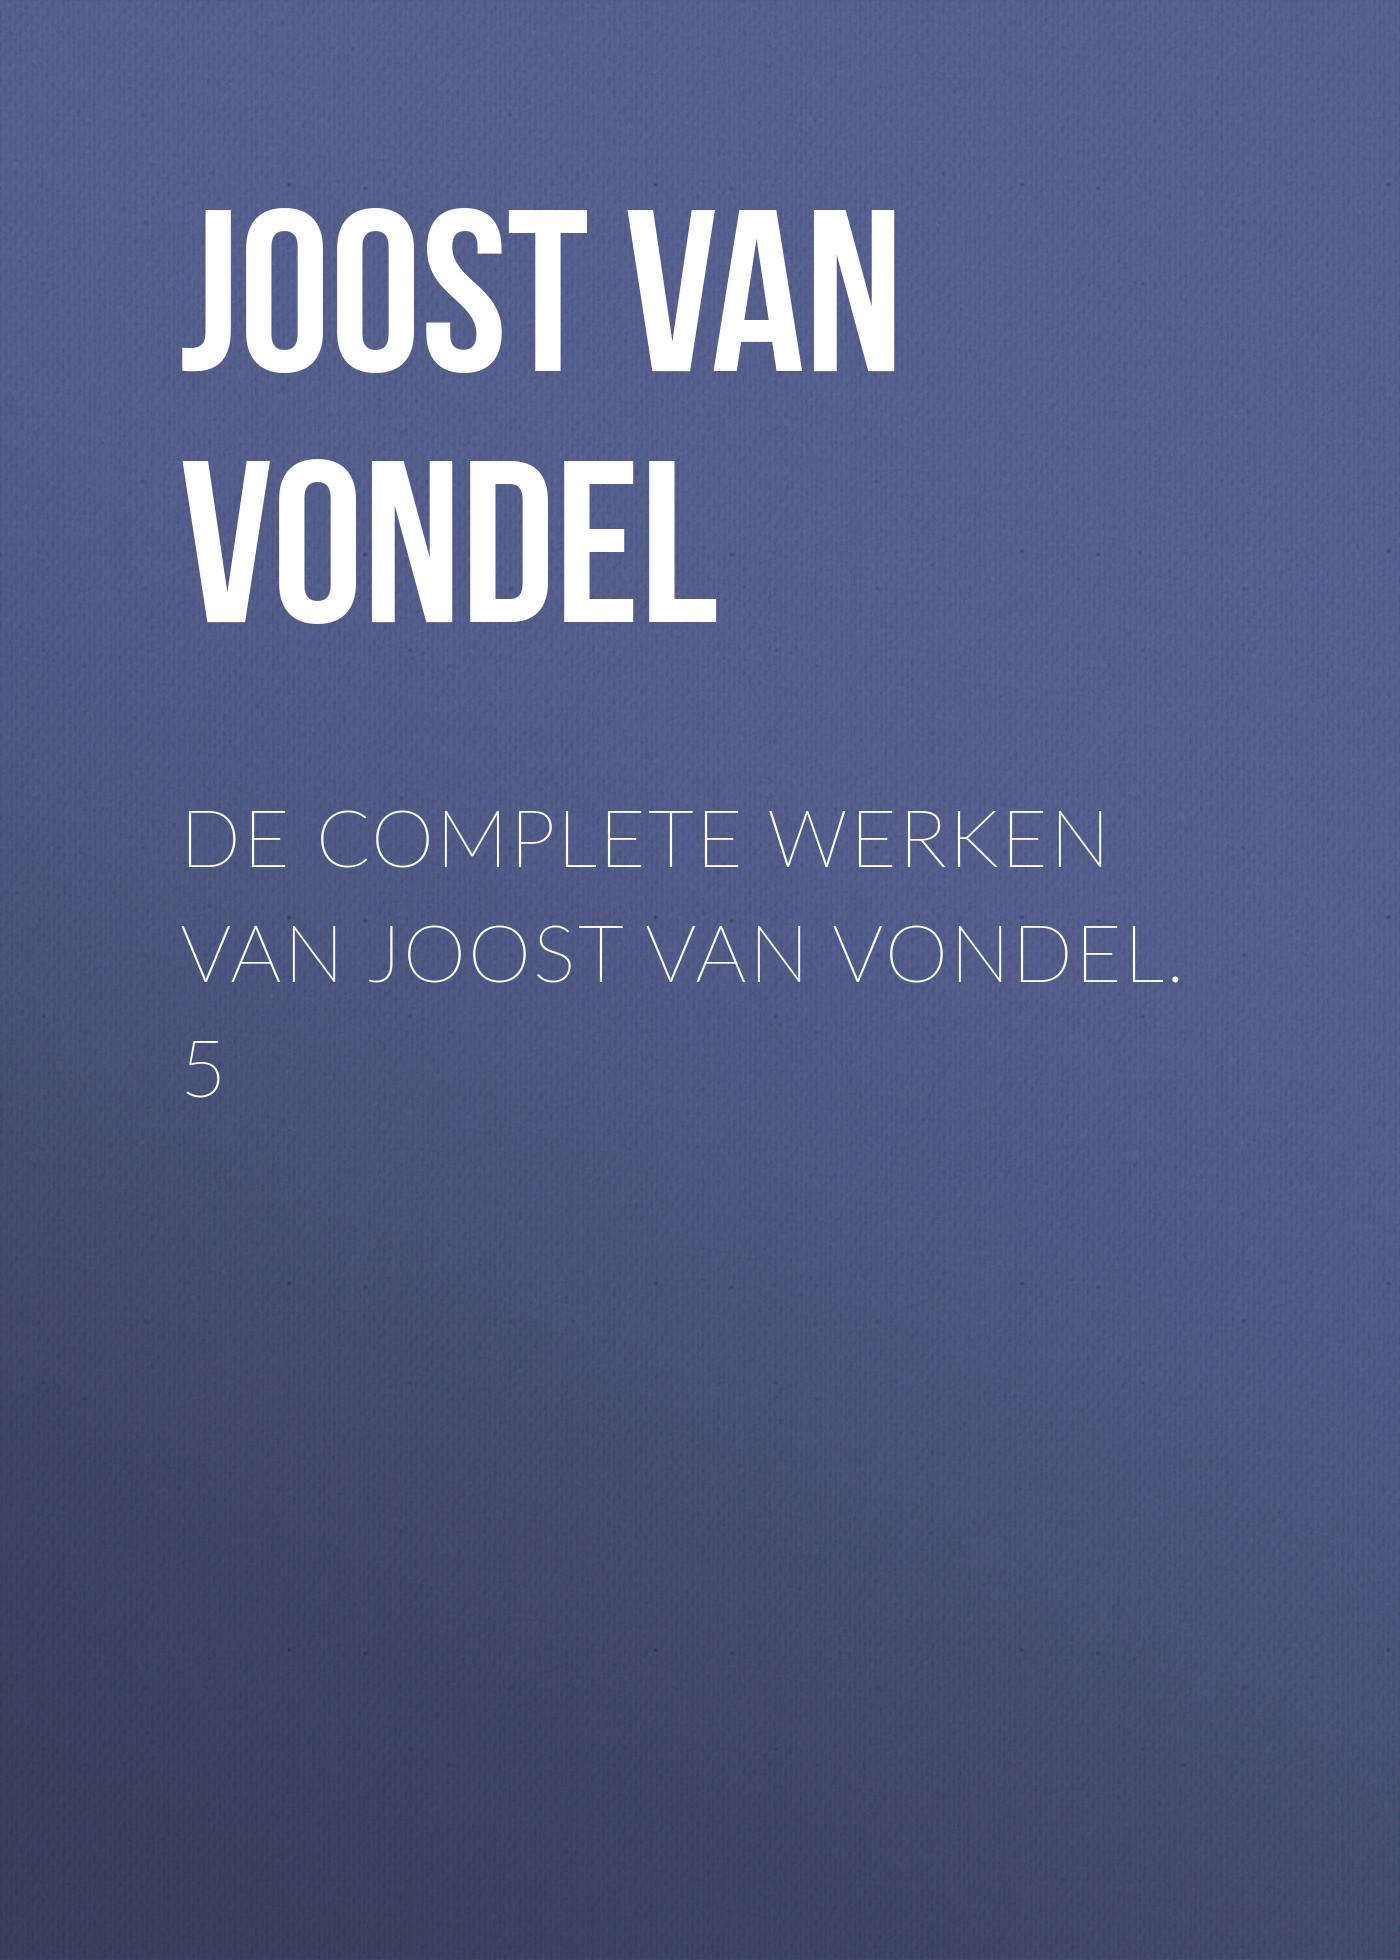 Joost van den Vondel De complete werken van Joost van Vondel. 5 olga b a van den akker reproductive health psychology